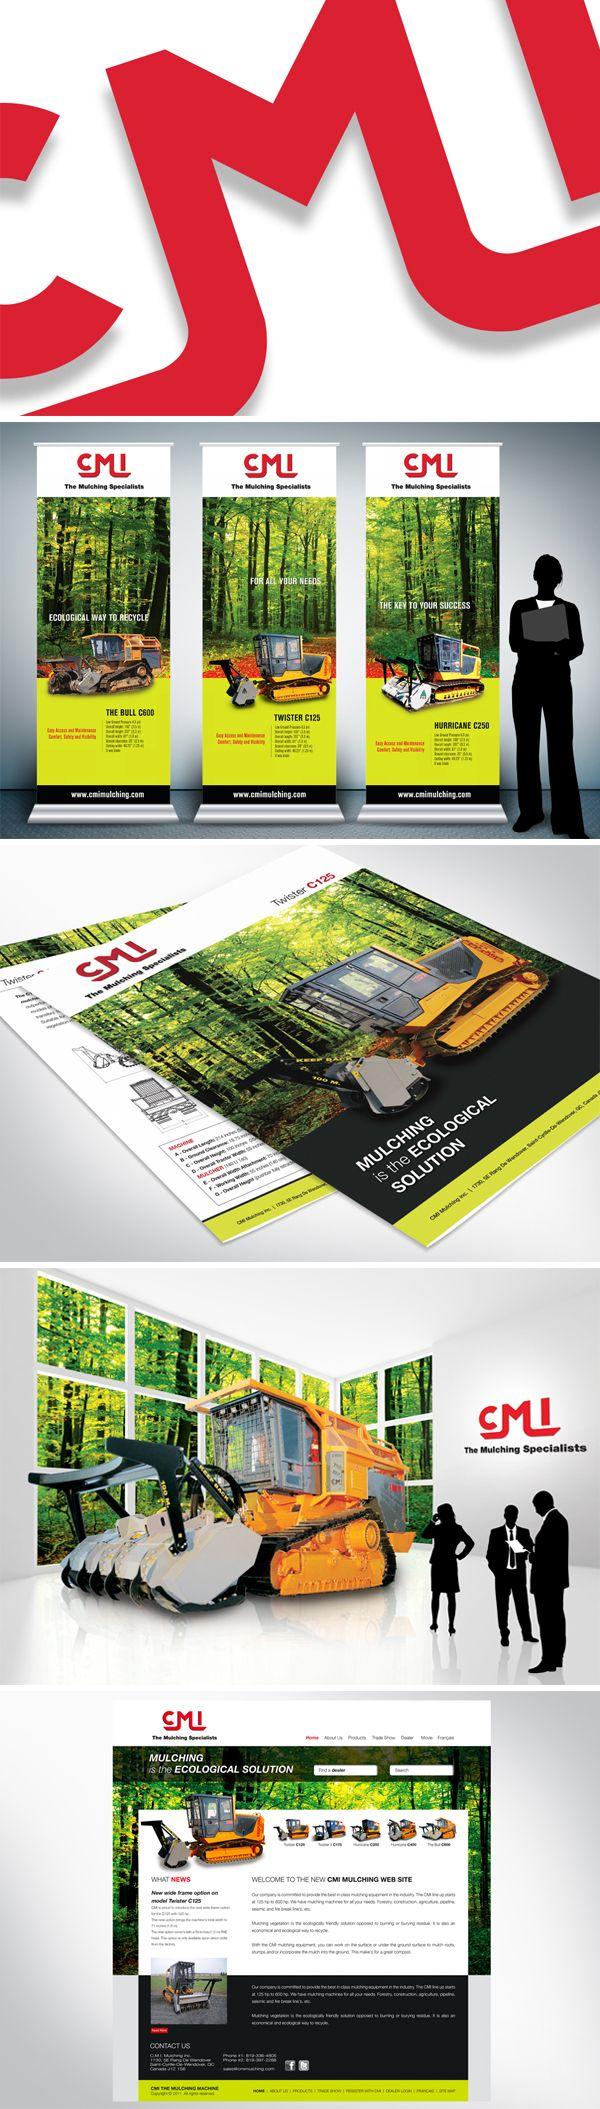 CMI Mulching  Nous avons travaillé par le passé avec une personne de l'équipe et ils nous ont octroyés le nouveau mandat de refaire l'identité visuelle pour les brochures, roll-ups et look graphique Web.  En tenant compte du slogan : Le broyage est la solution écologique, nous avons mis l'impact sur les images de la forêt et des produits offerts.